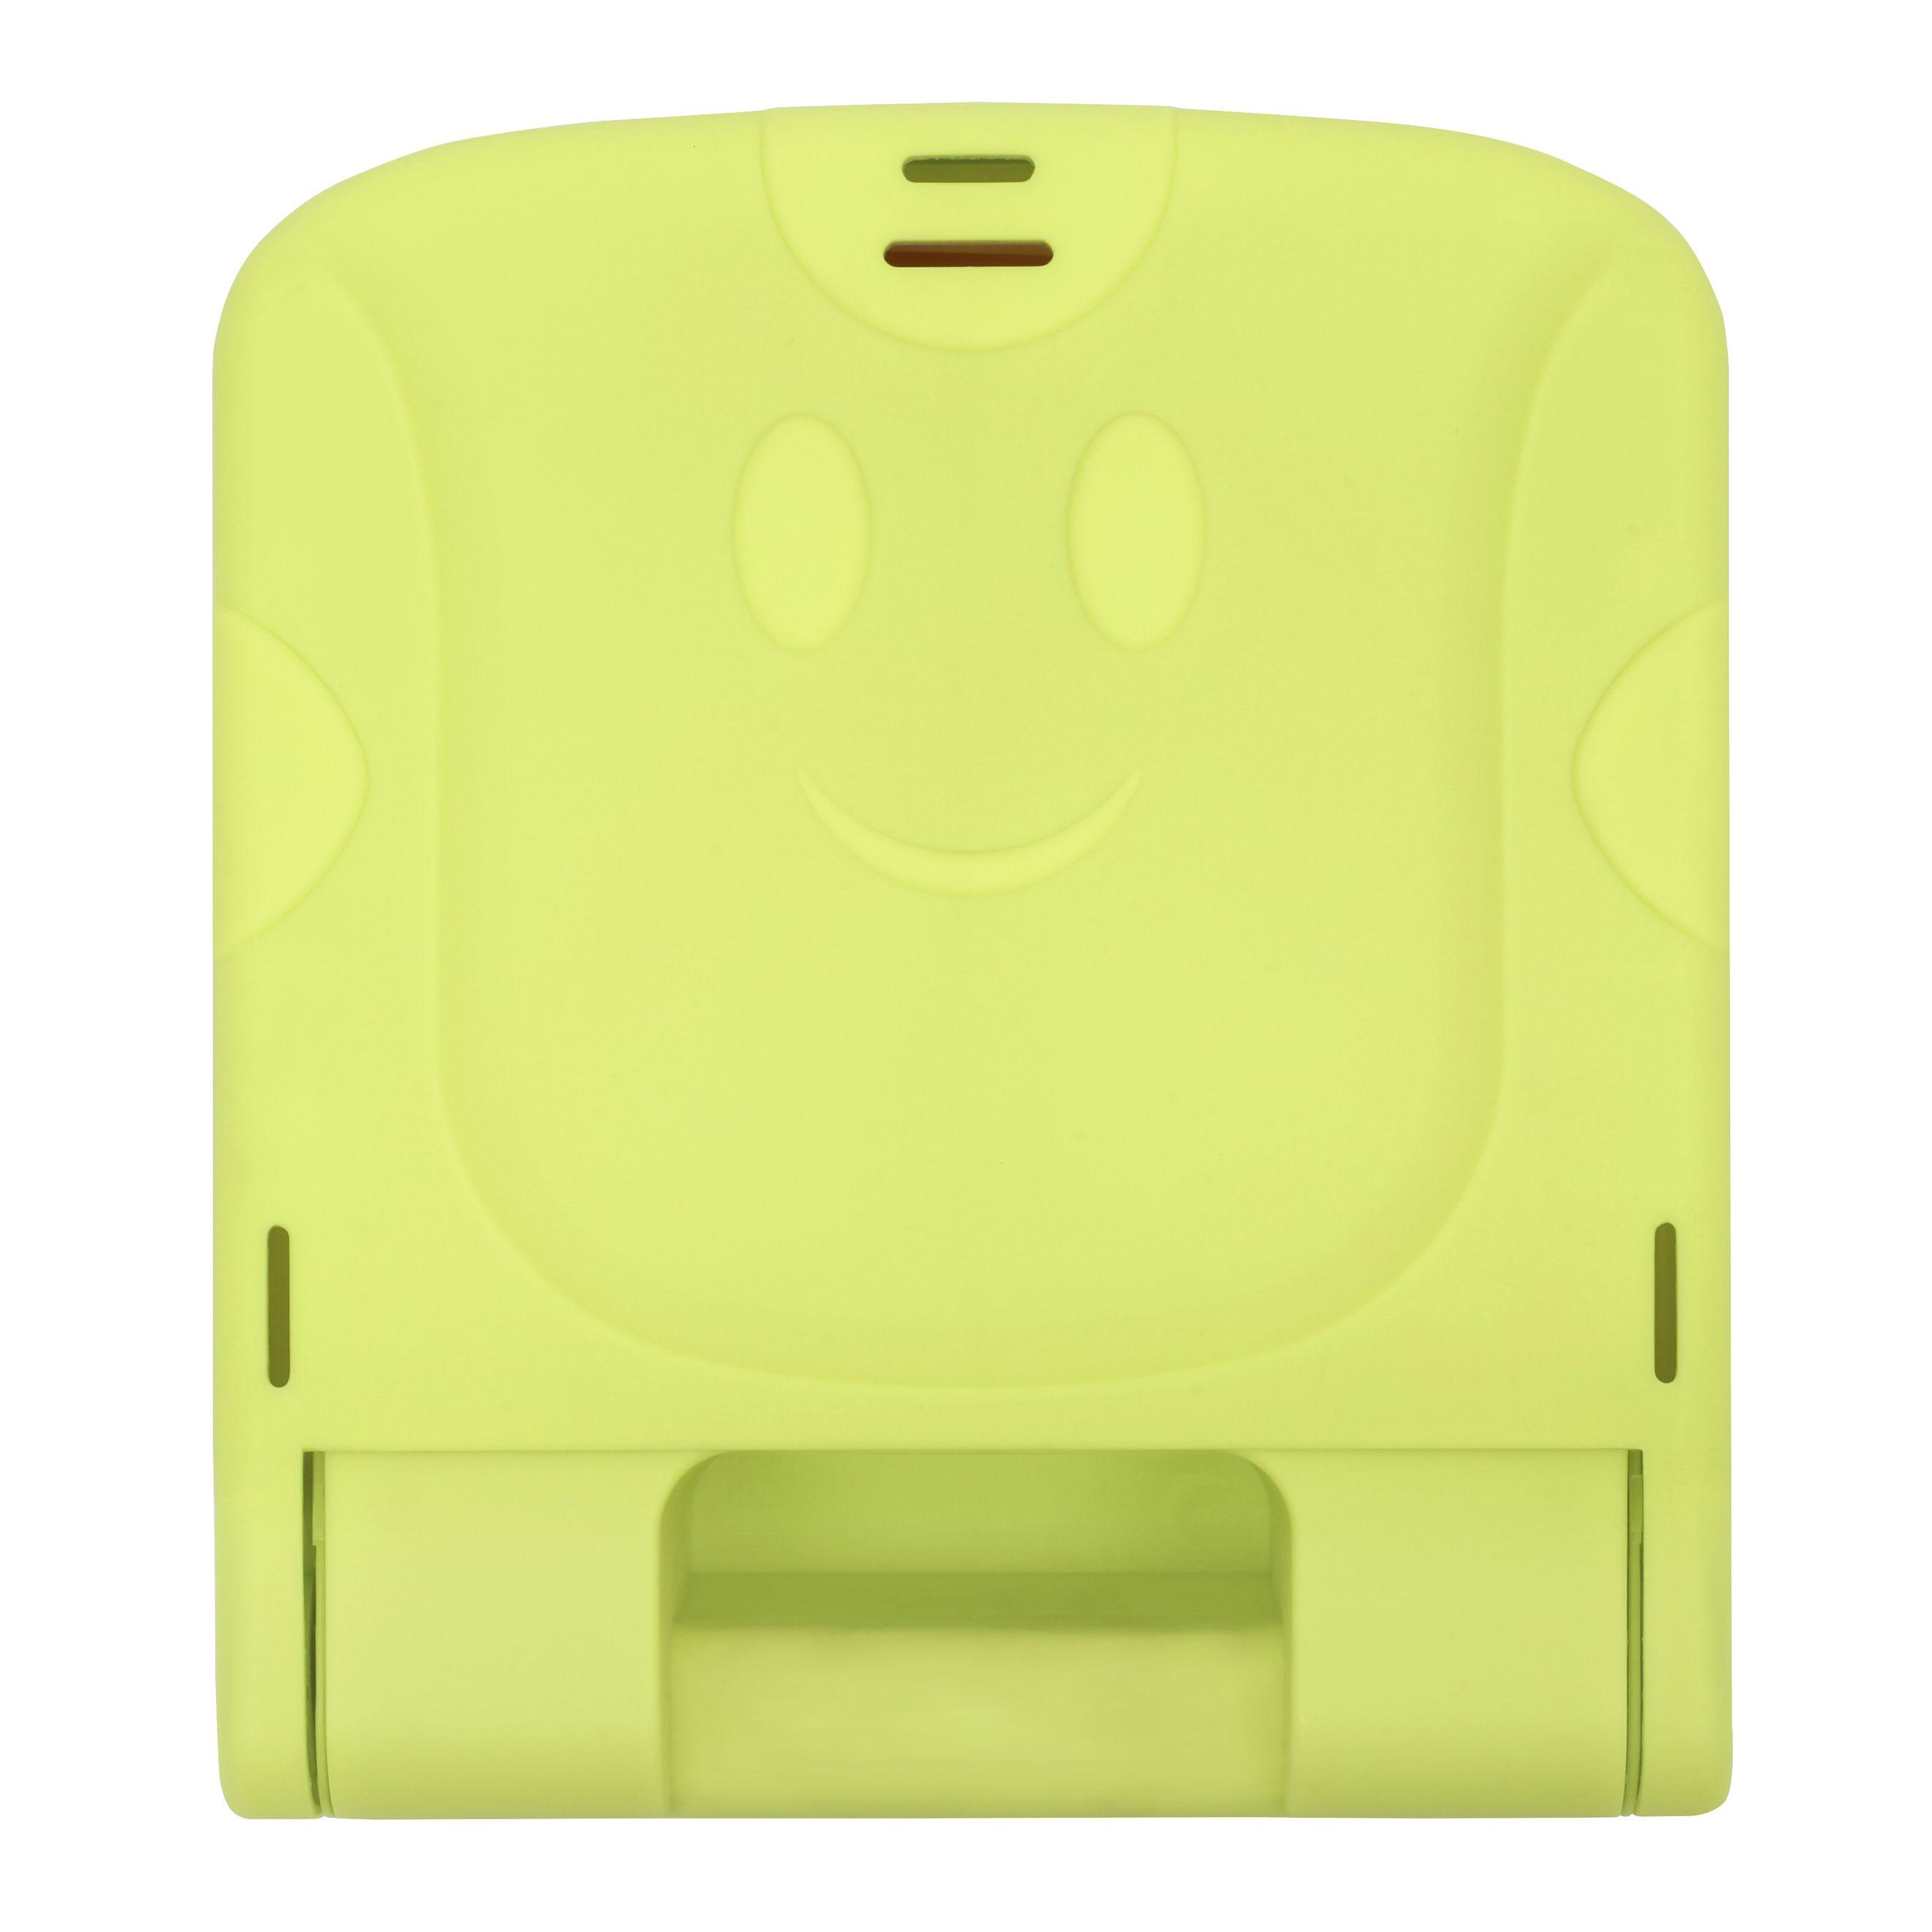 Silla de comer portatil verde